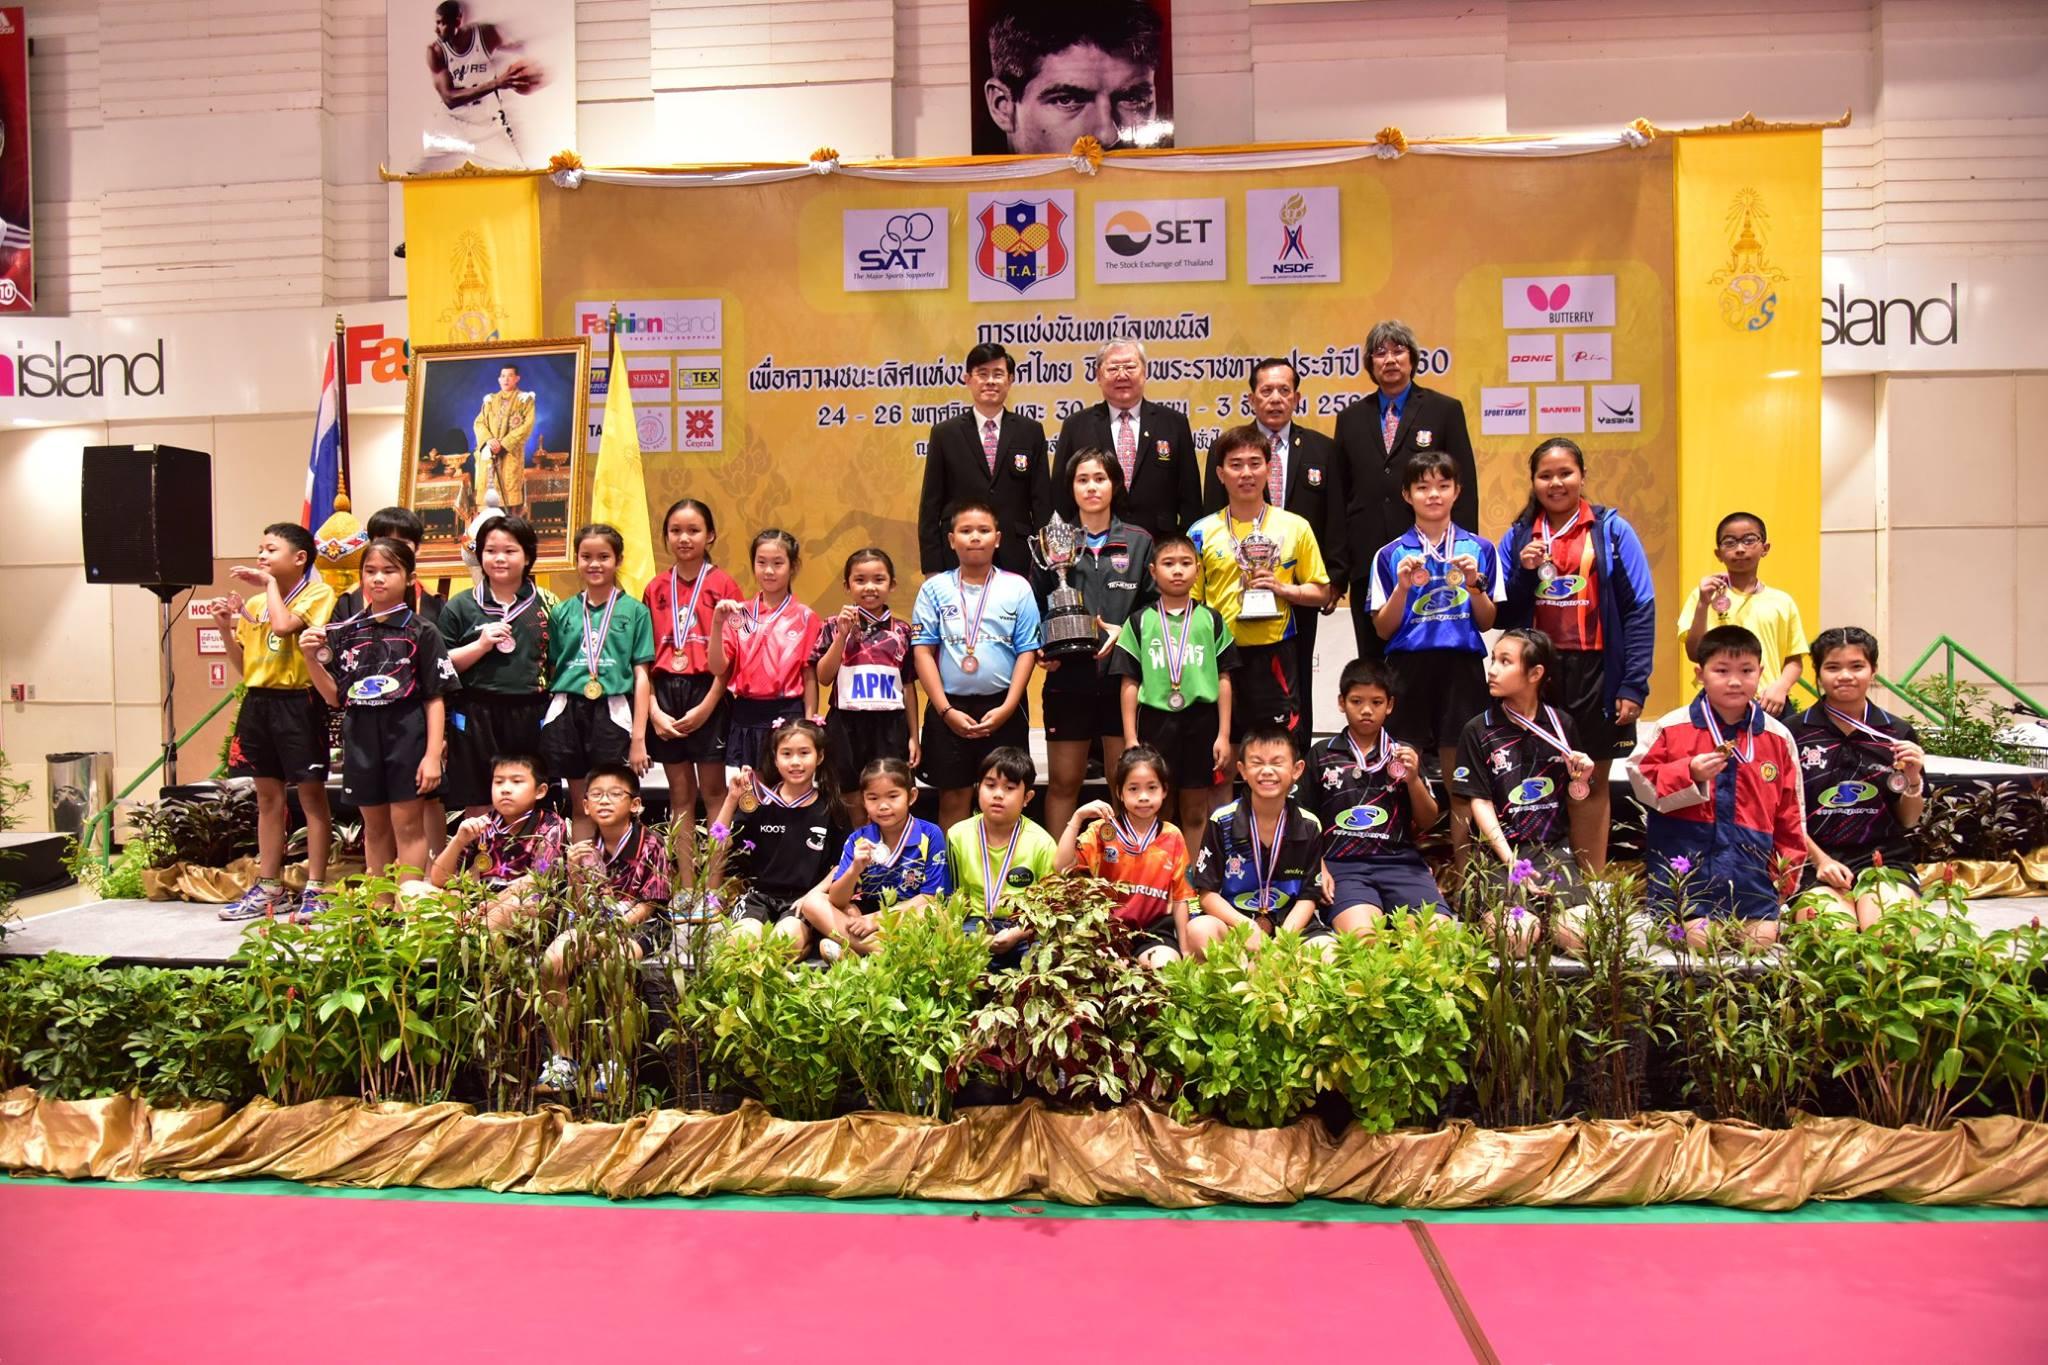 การแข่งขันเทเบิลเทนนิสชิงชนะเลิศแห่งประเทศไทย ประจำปี 2560